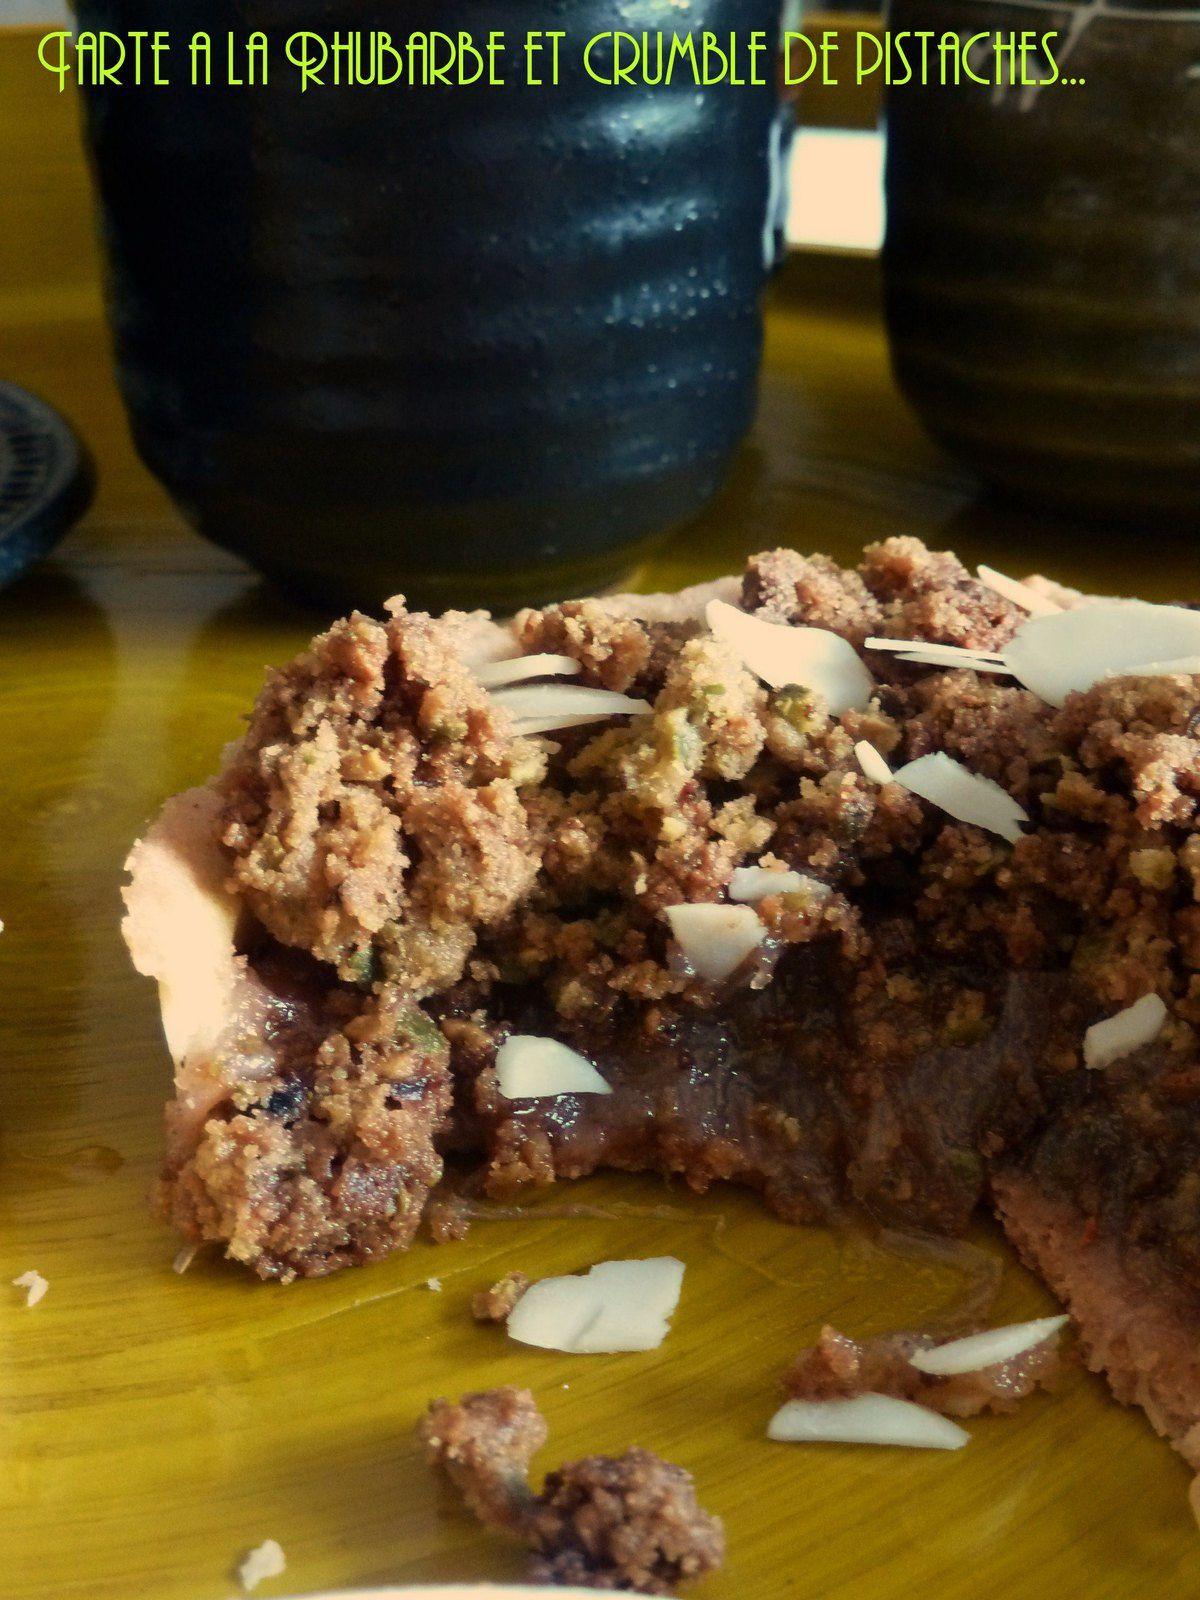 Tarte à la rhubarbe crumblelisée à la pistache